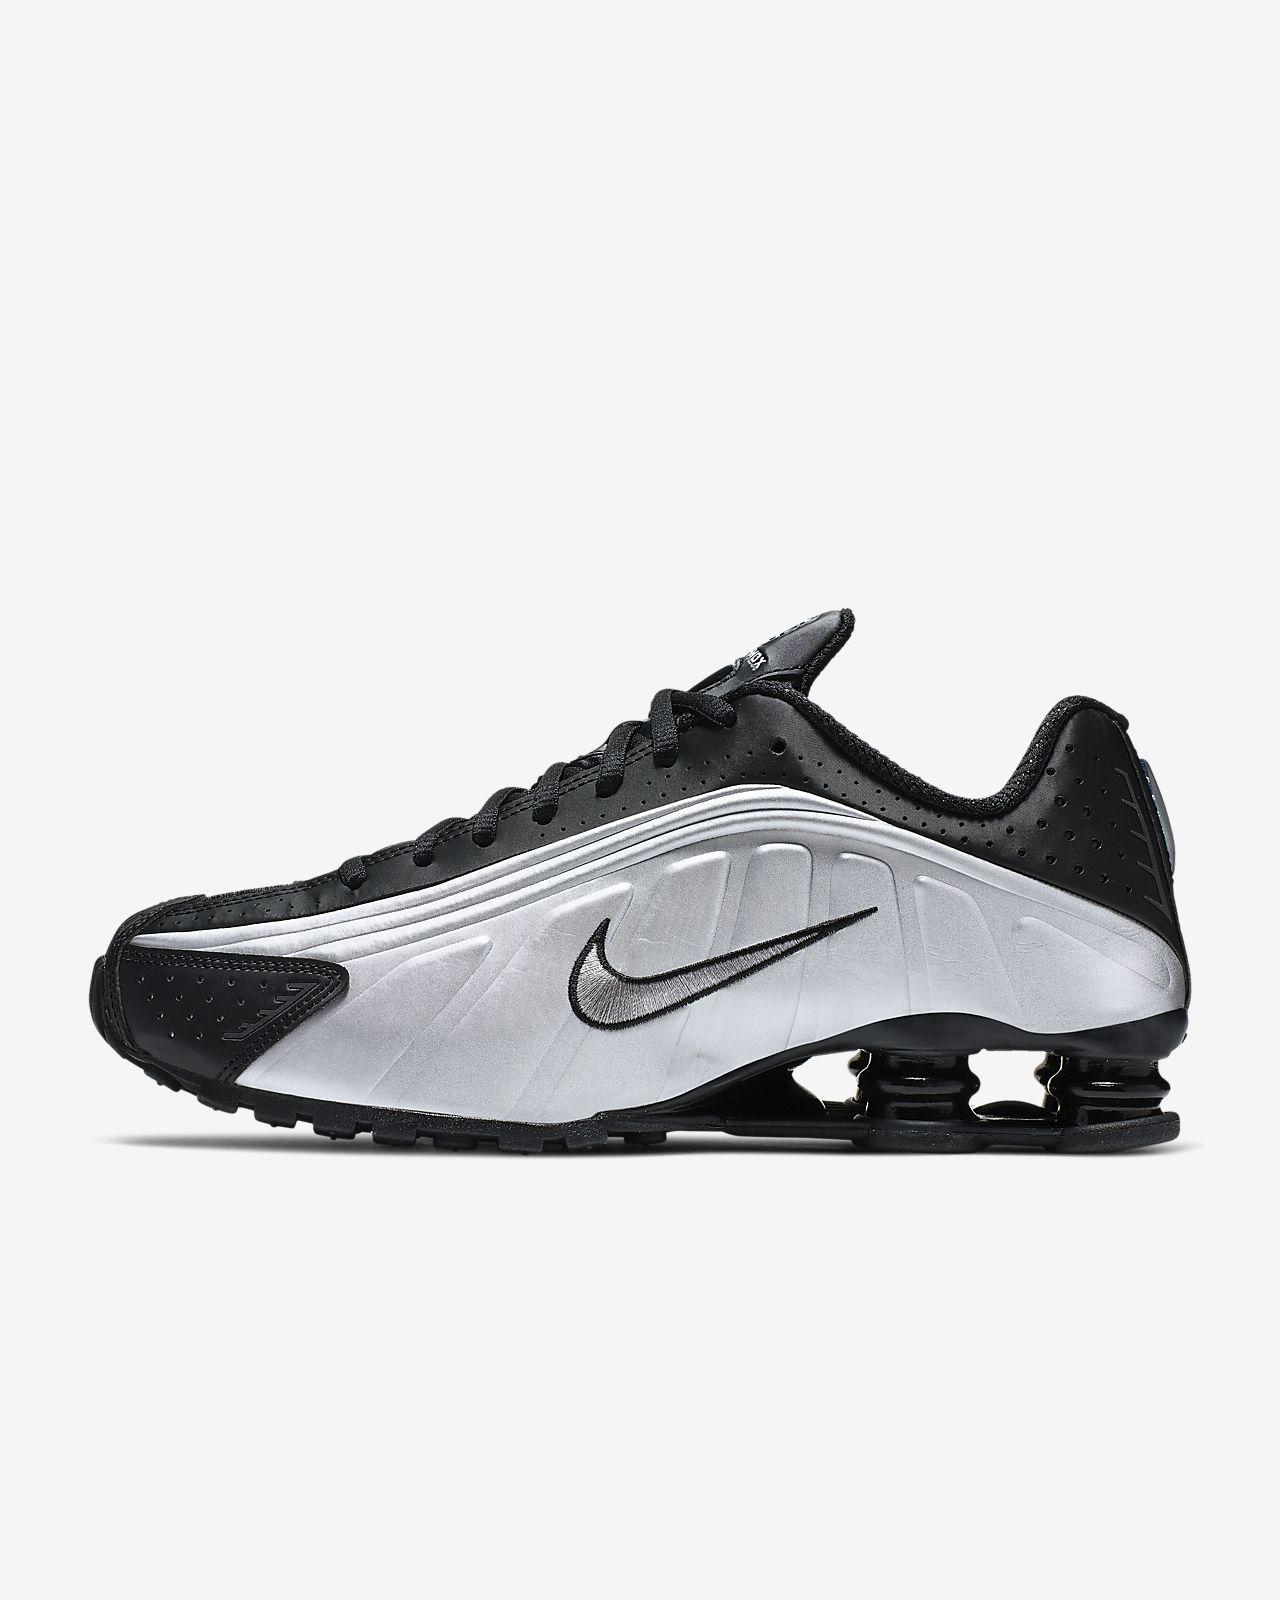 Sko Nike Shox R4 för män